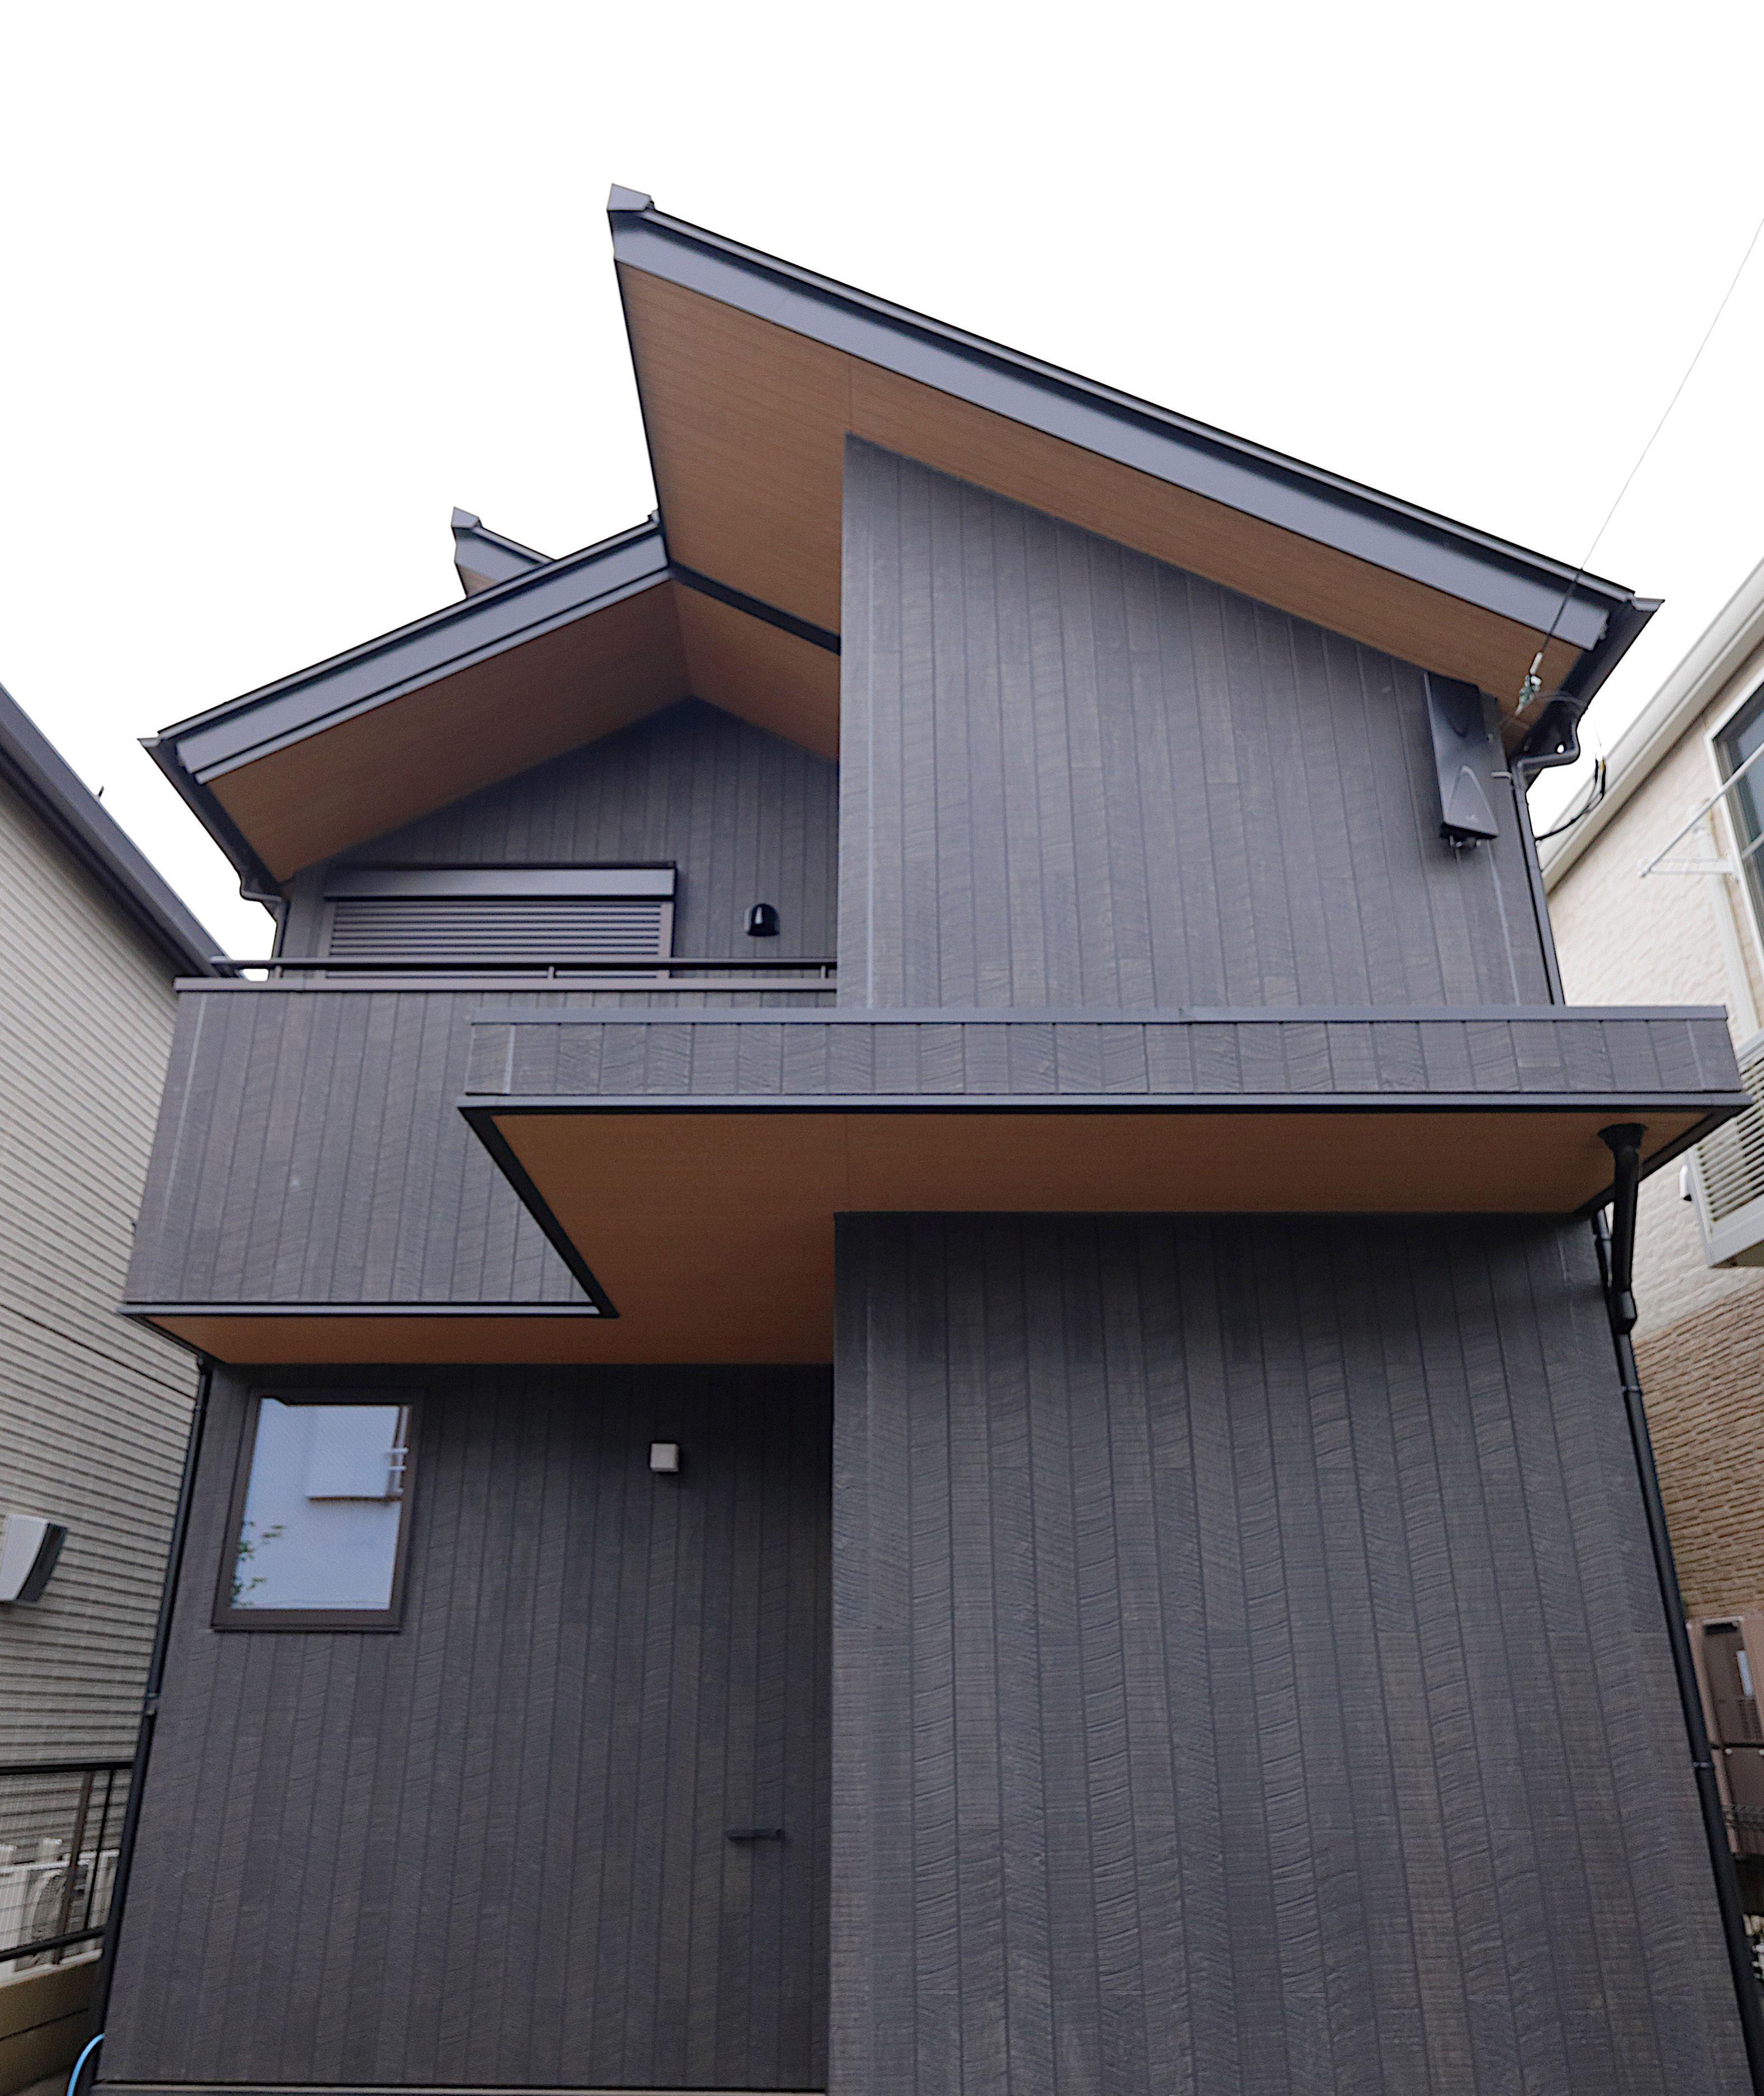 檜香る和風モダンの家 東京で注文住宅を建てるジェネシスの施工写真集